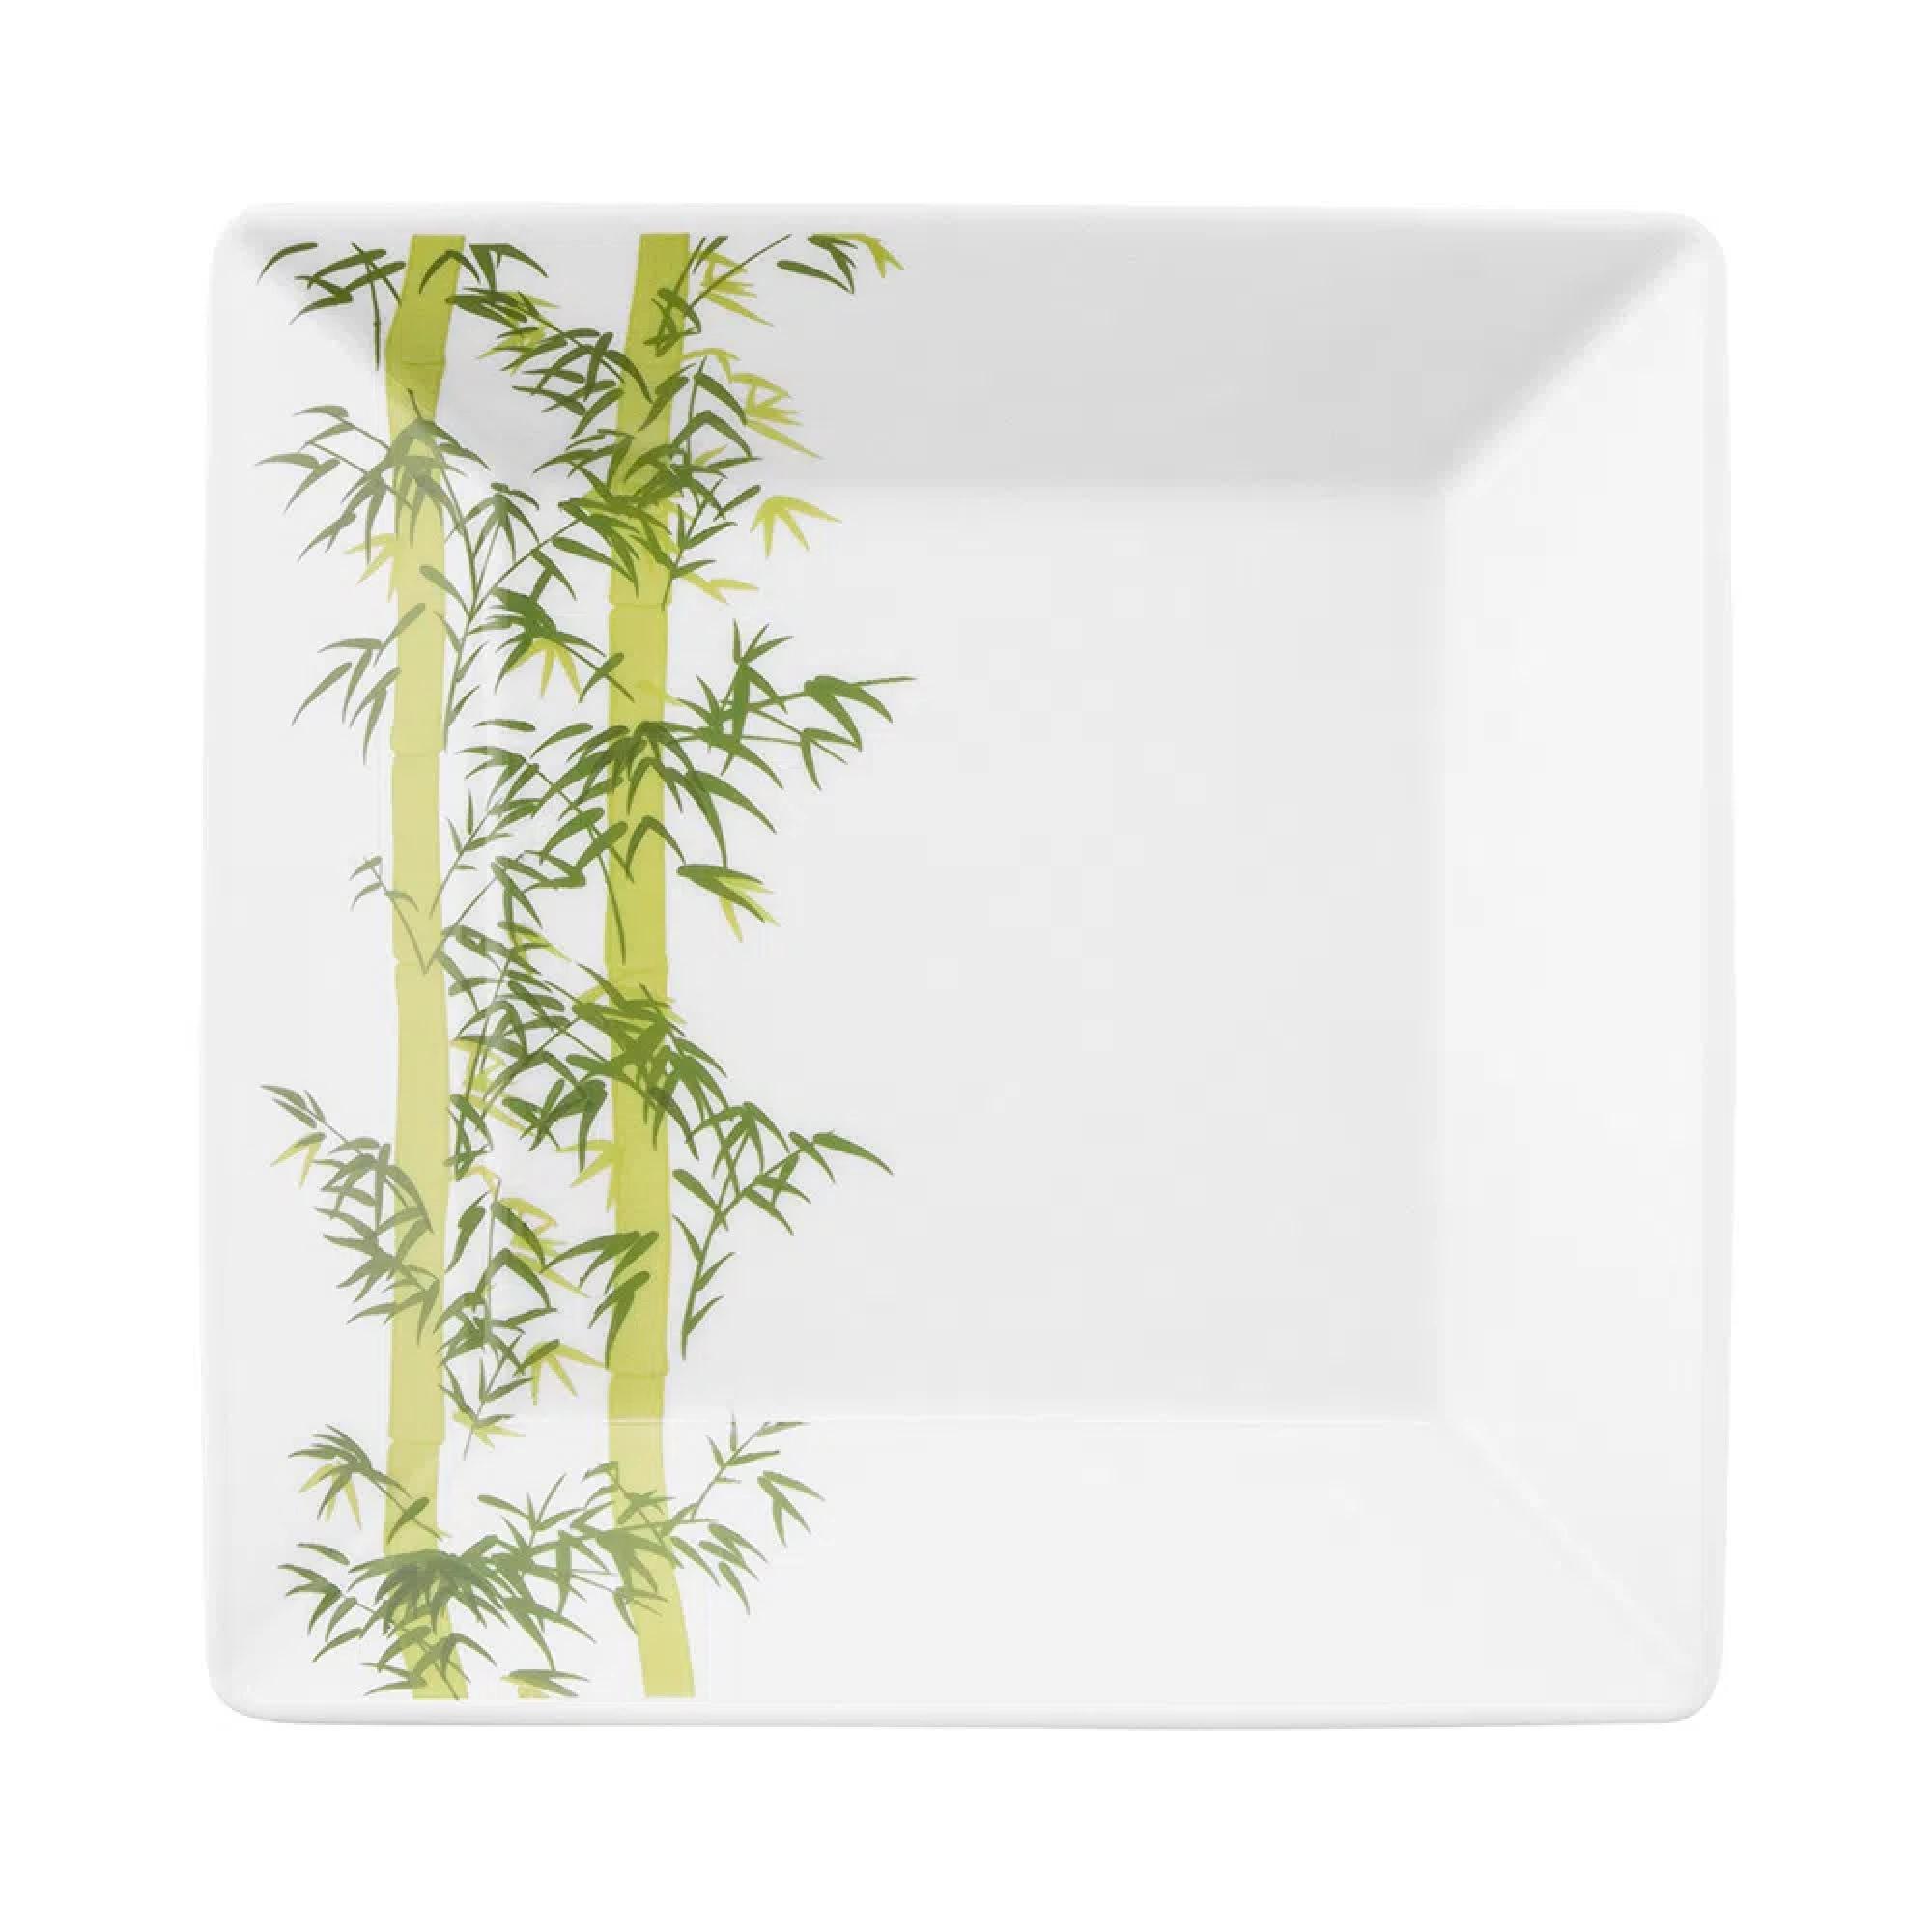 Aparelho de Jantar e chá Quartier Bamboo 30 peças